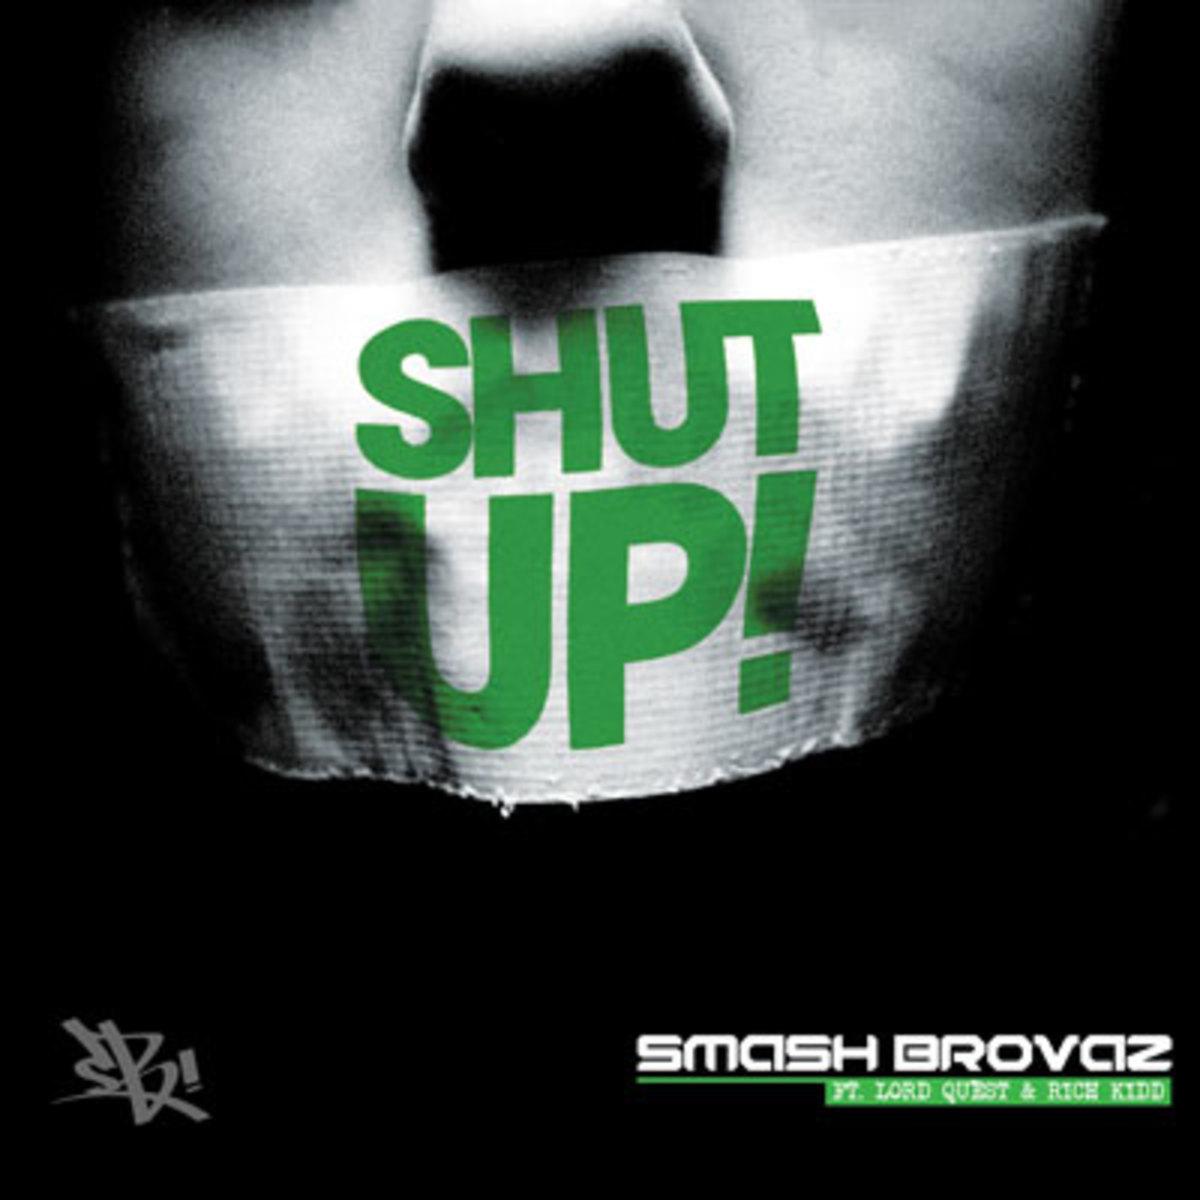 smashbrovaz-shutup.jpg